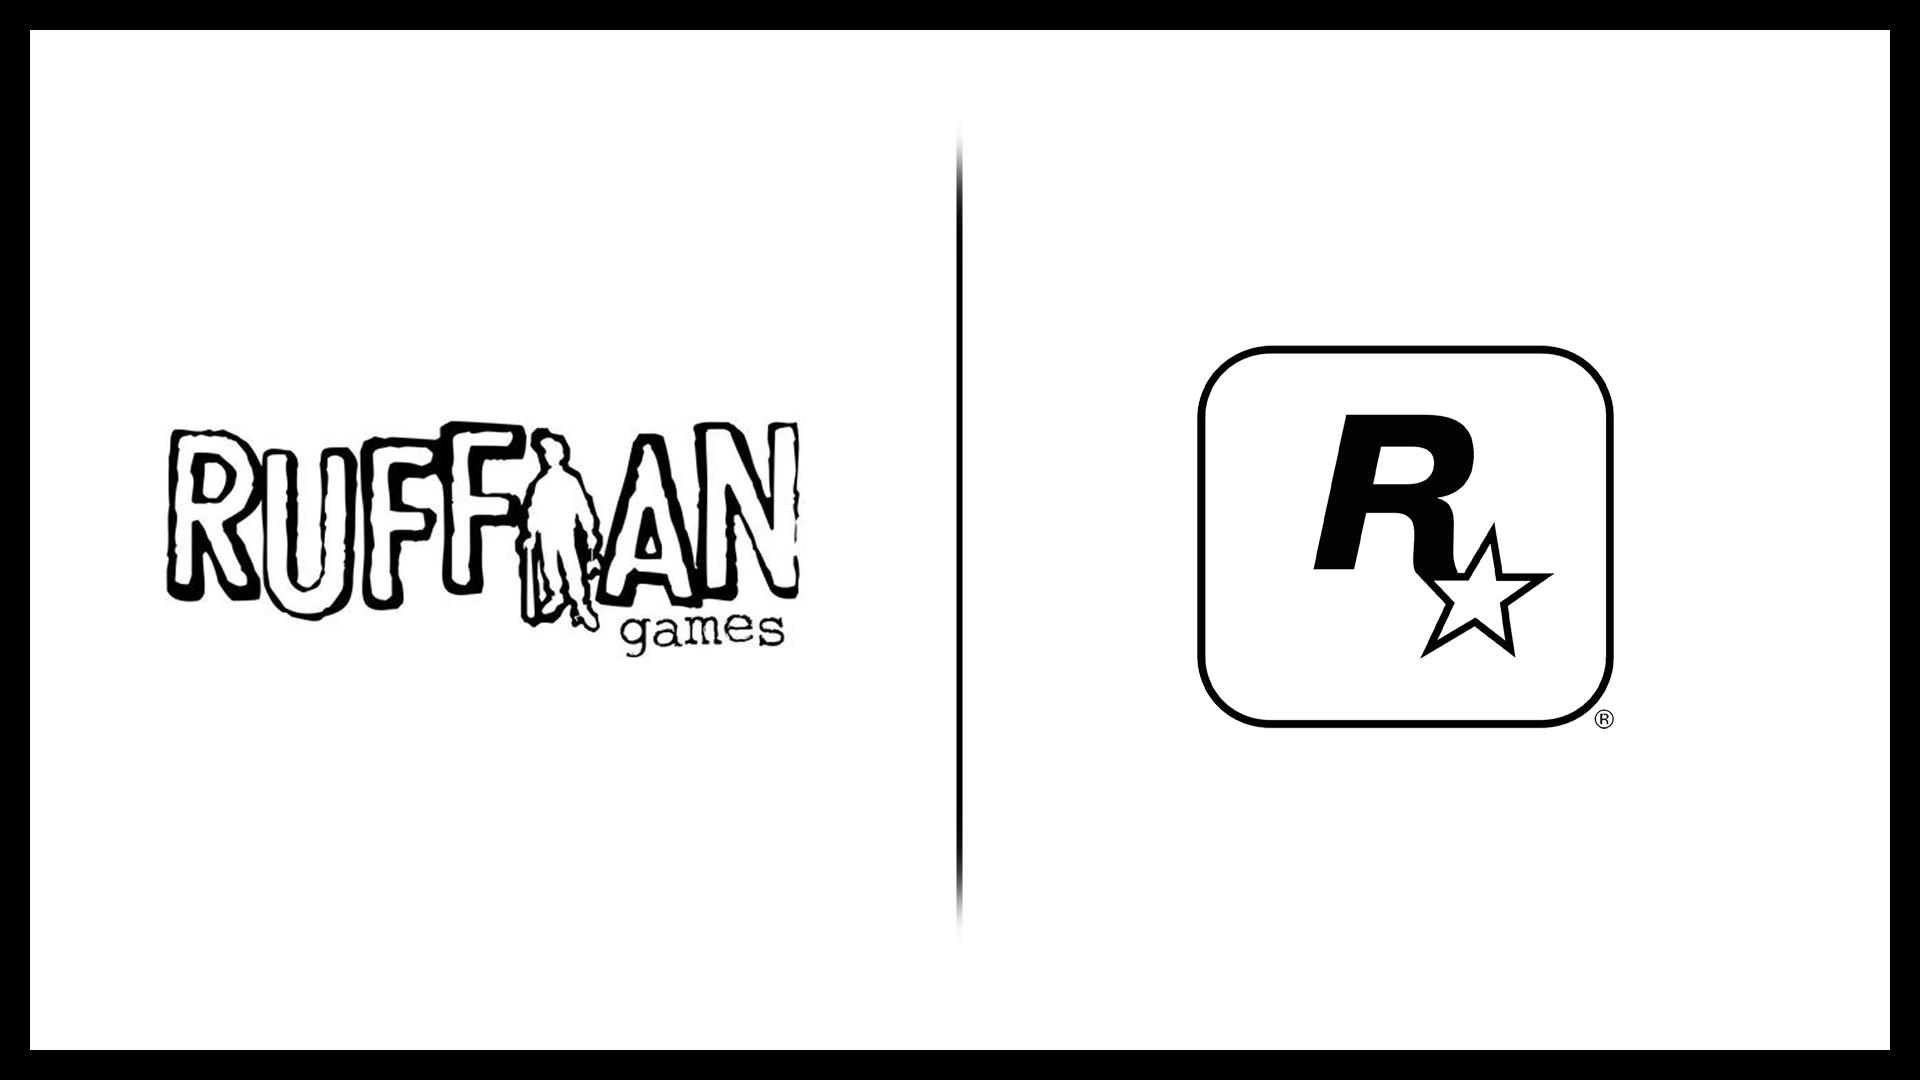 Rockstar Games rachète Ruffian Games et créer Rockstar Dundee